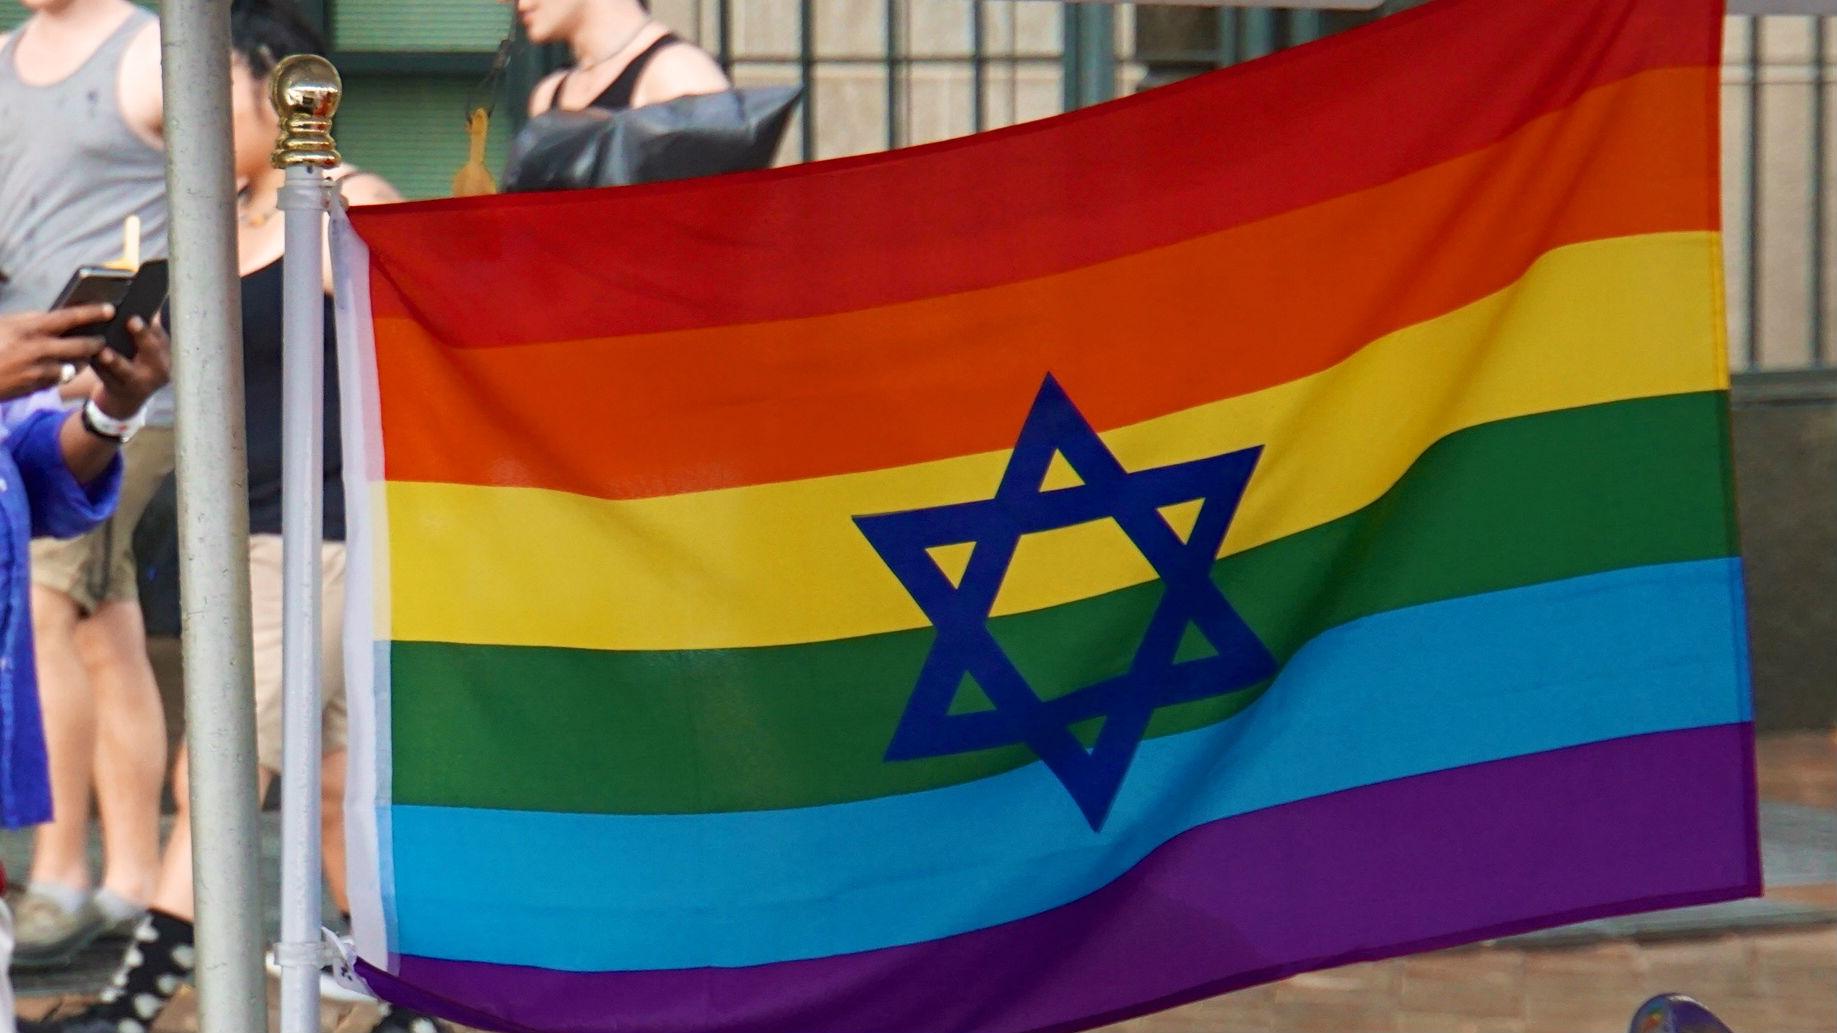 Jewish_faith_flag-1837x1033